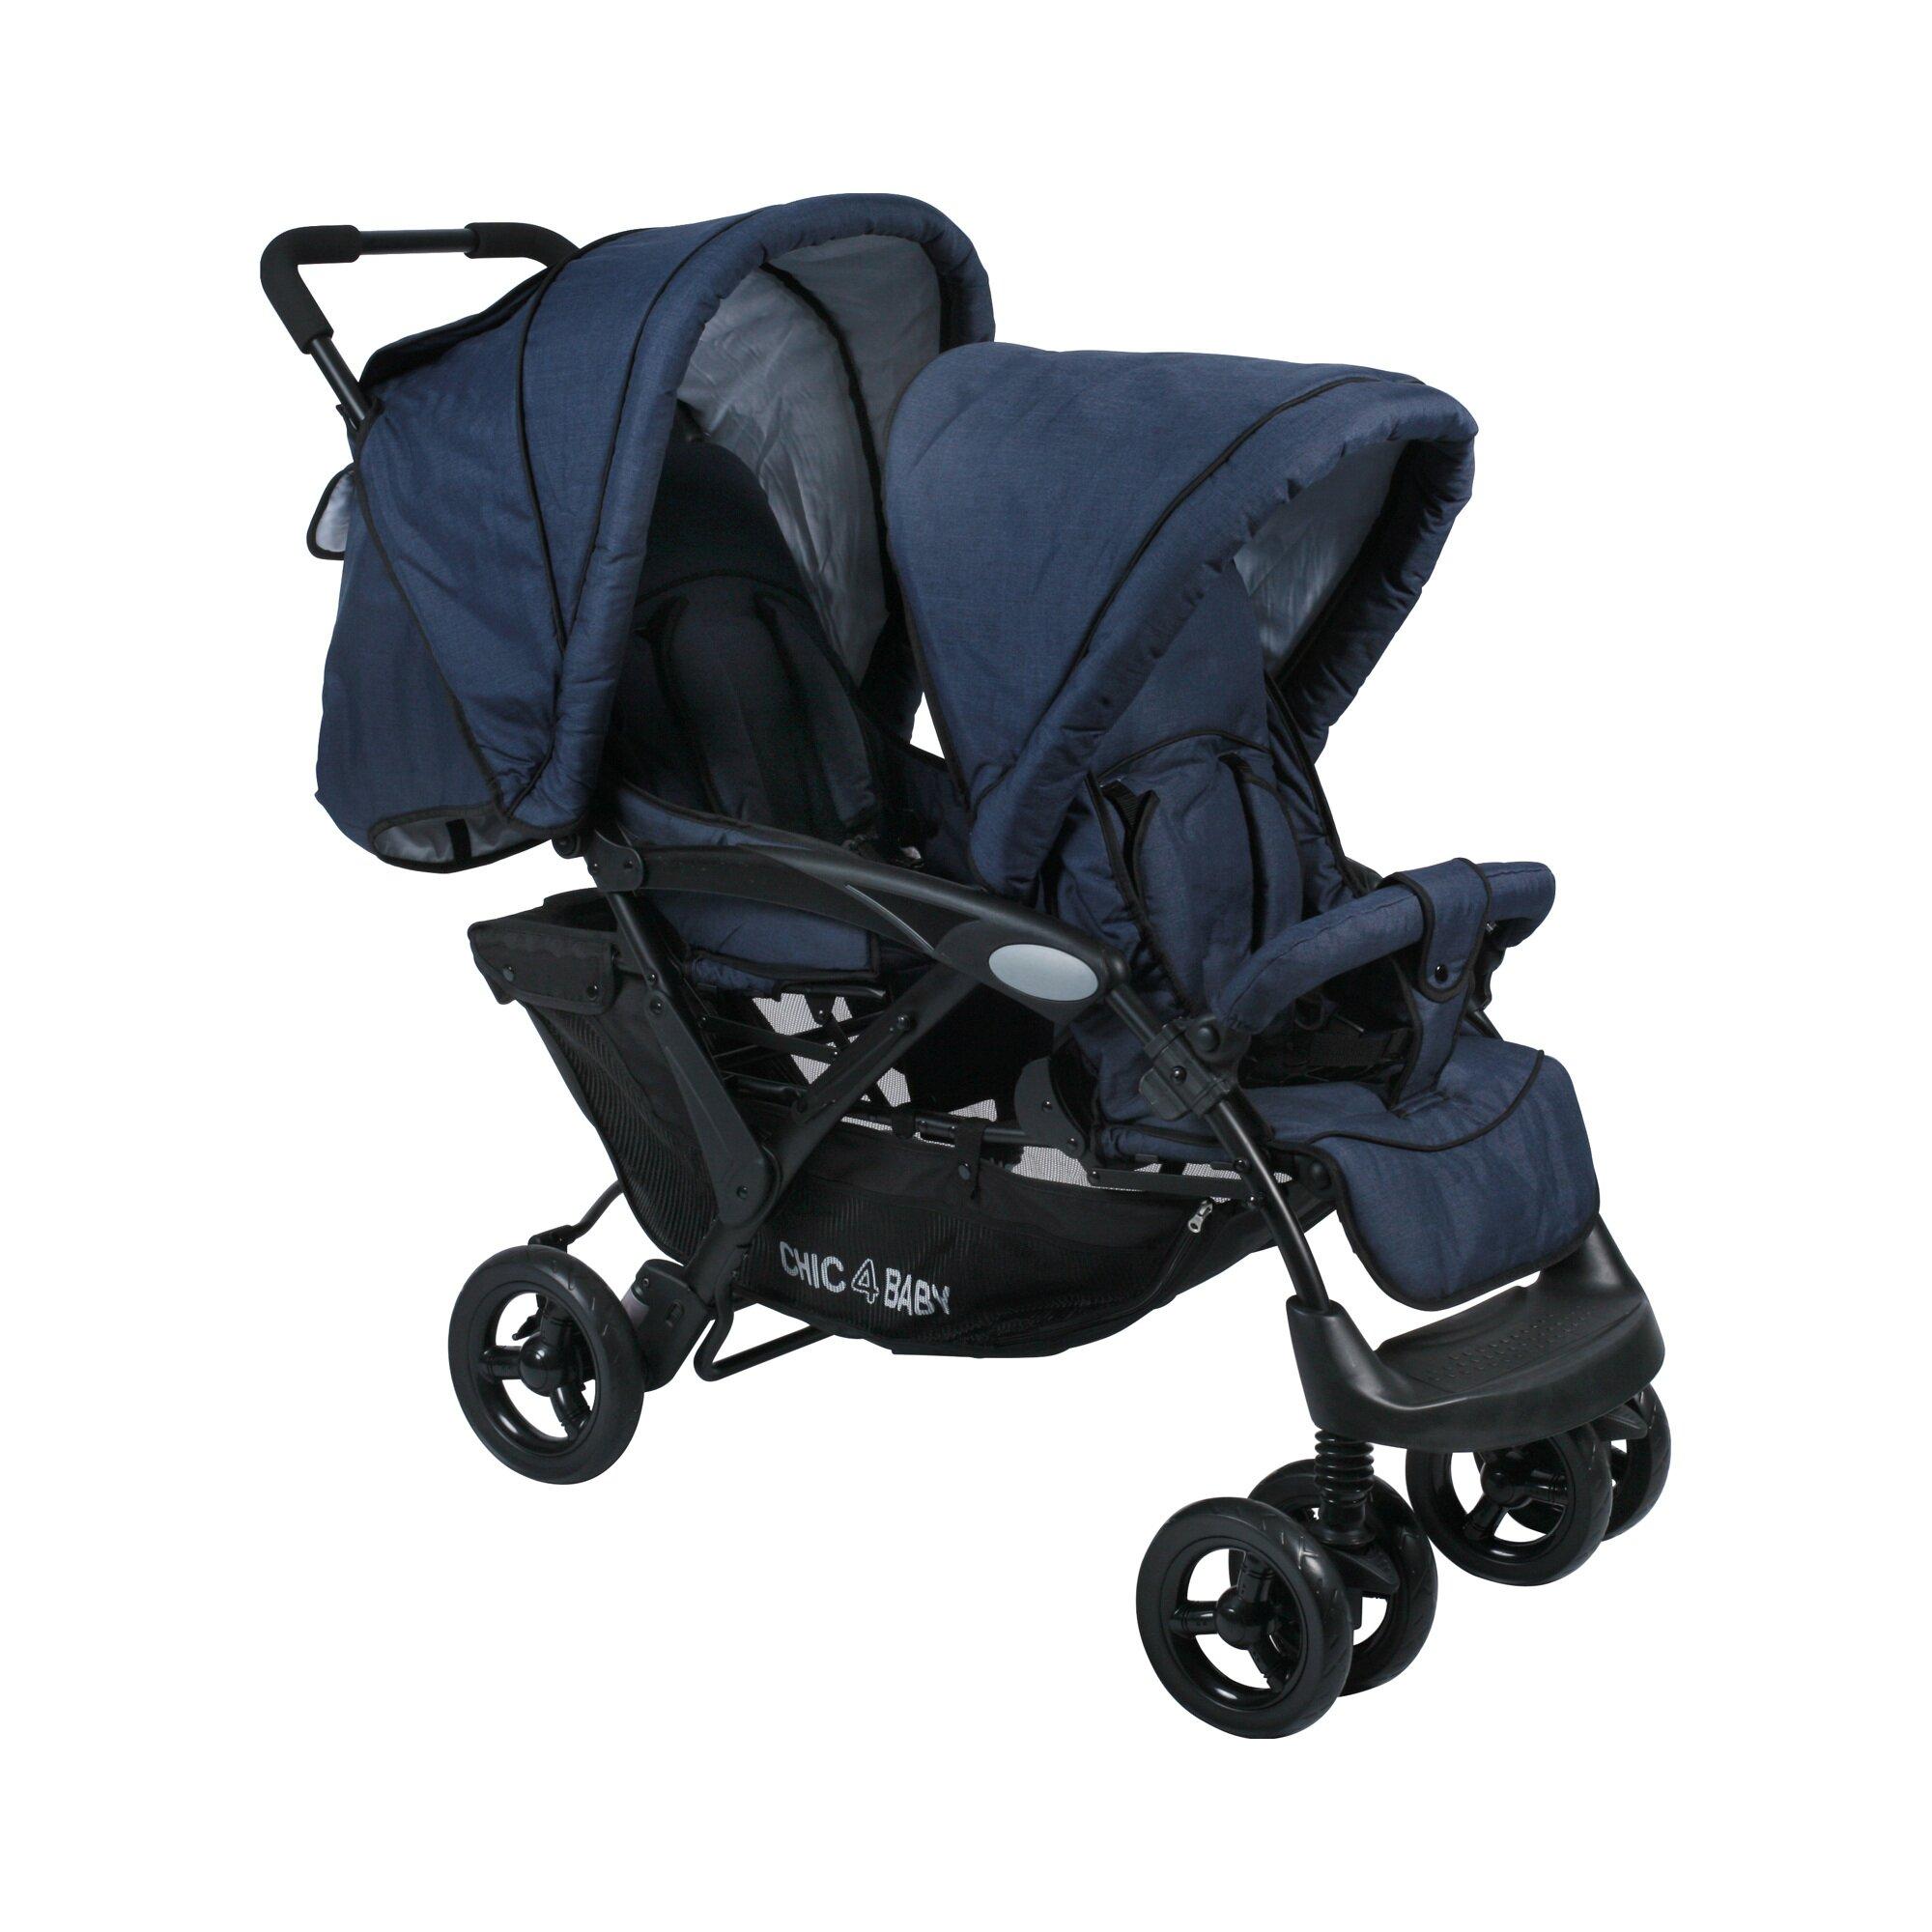 chic-4-baby-duo-zwillings-und-kinderwagen-geschwisterwagen-blau